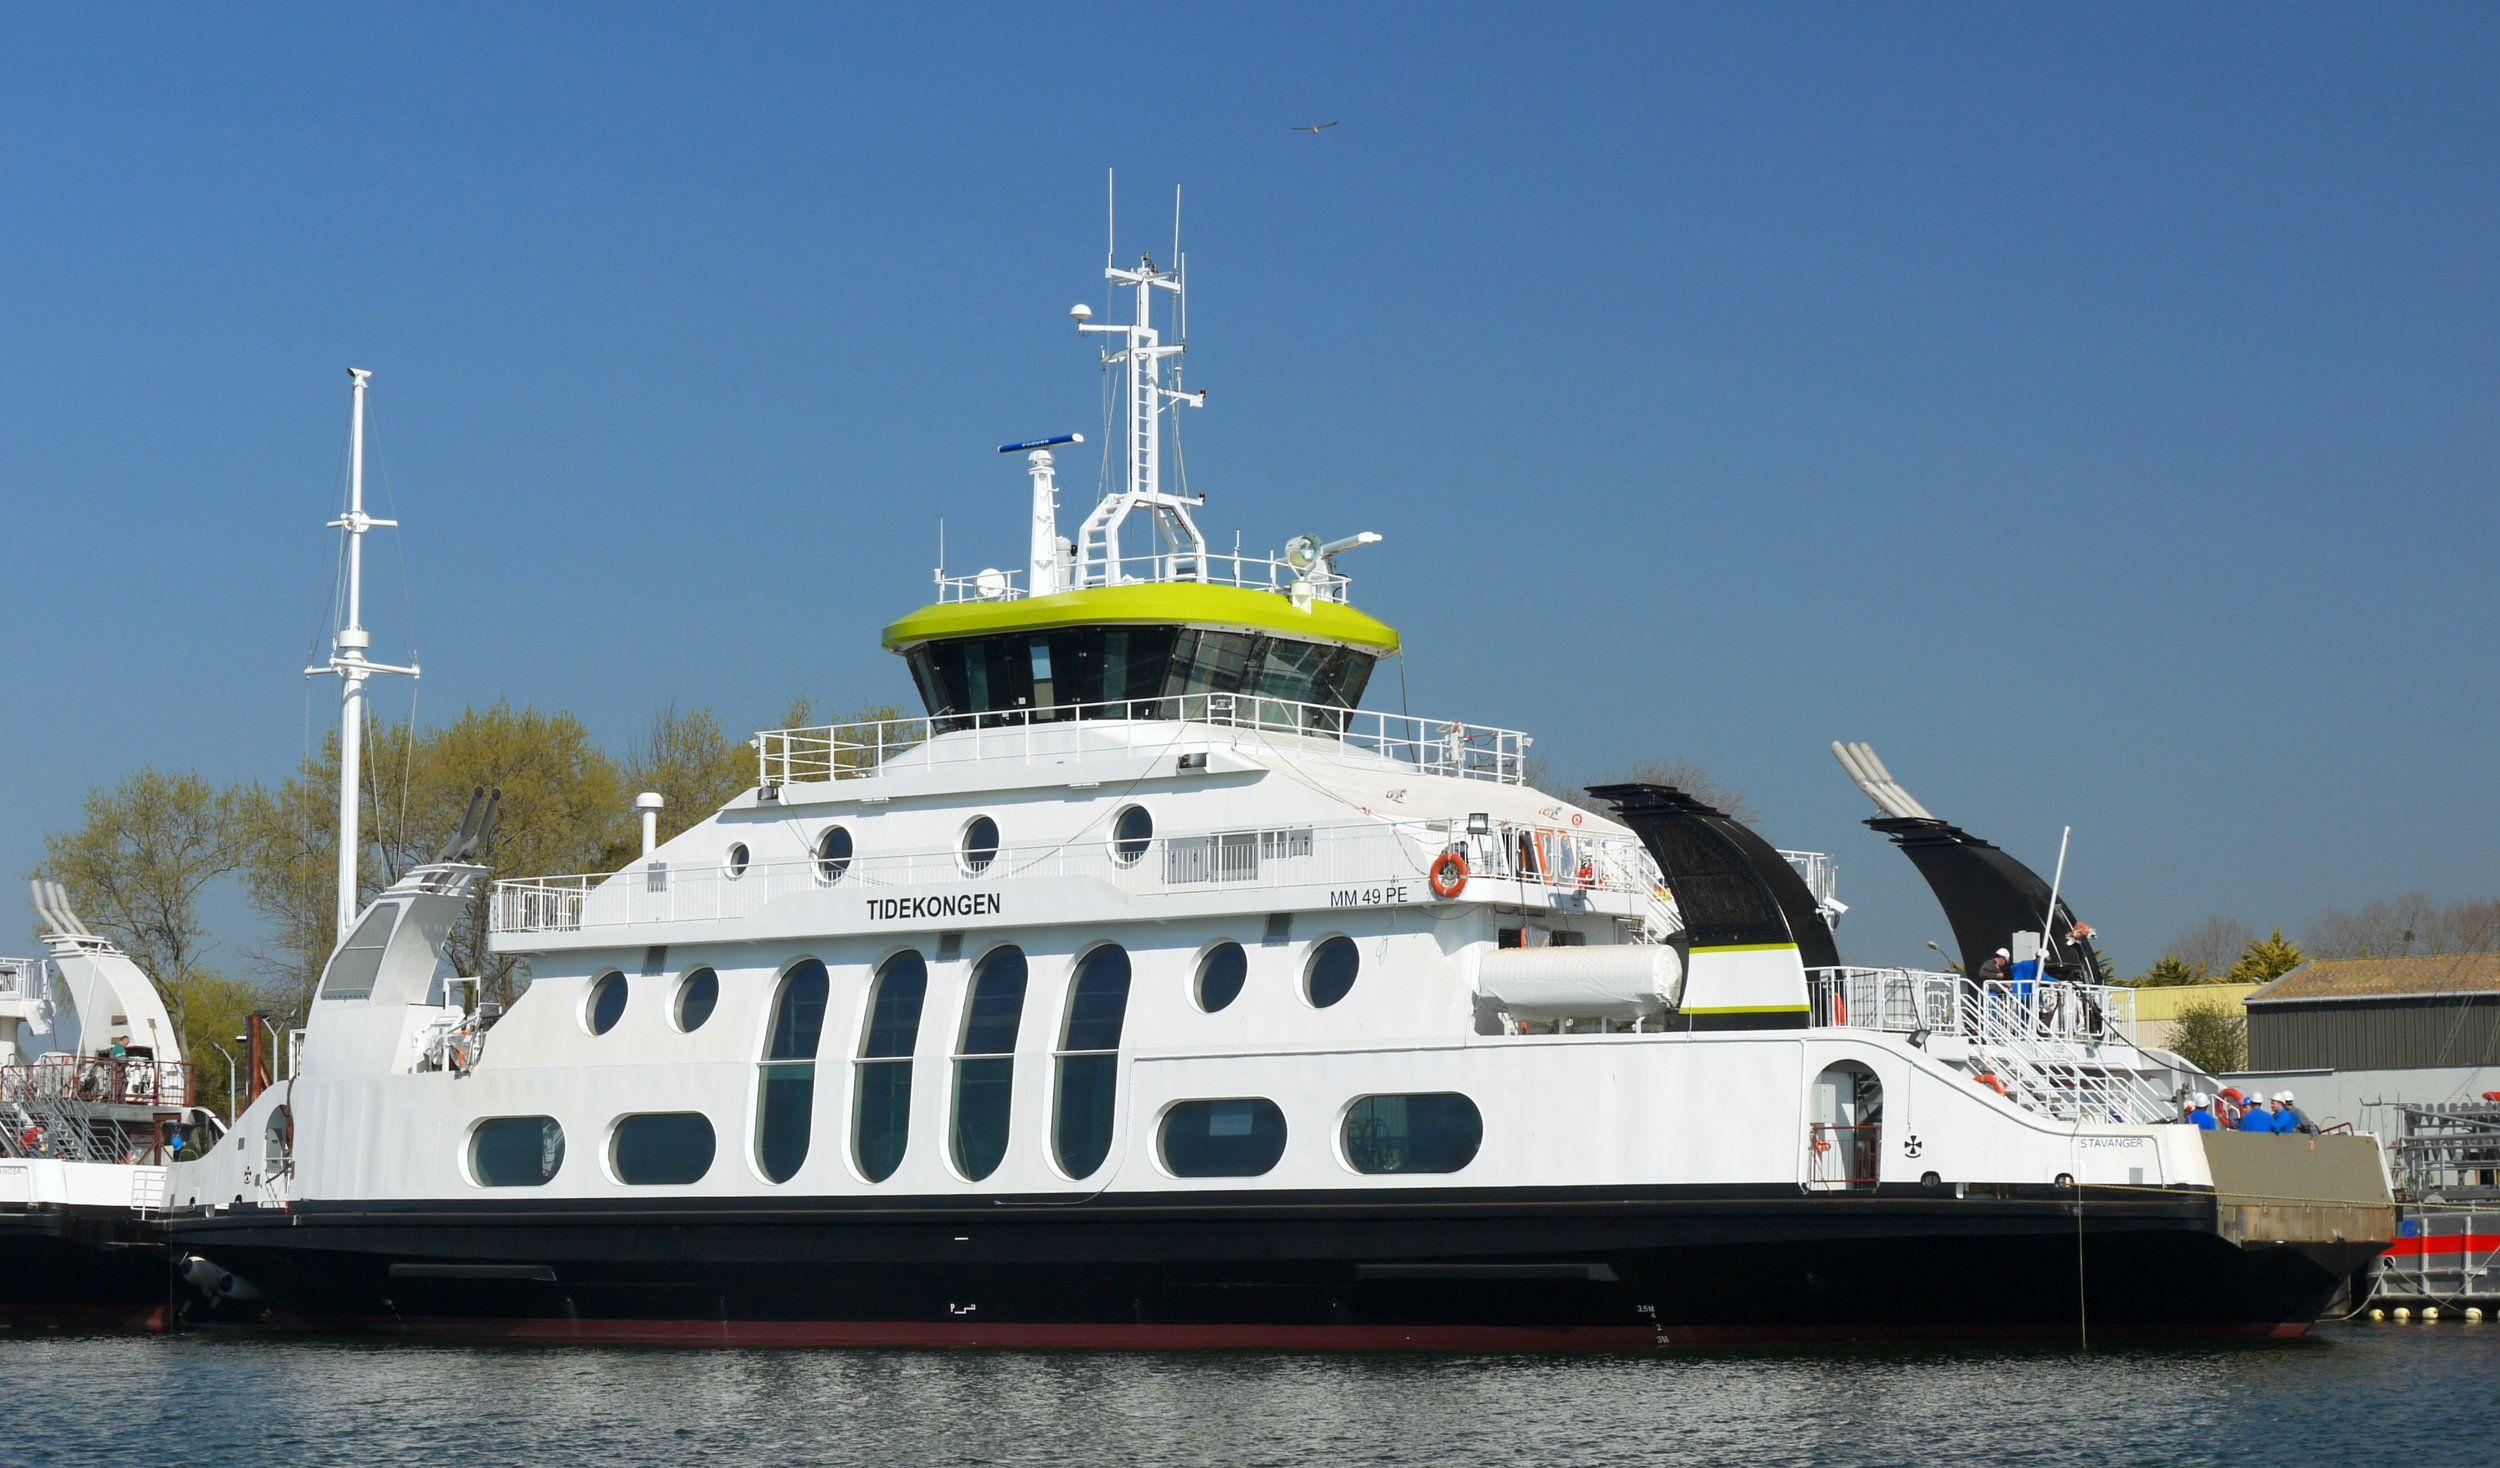 Ferry_Tidekongen_P1020551.jpg